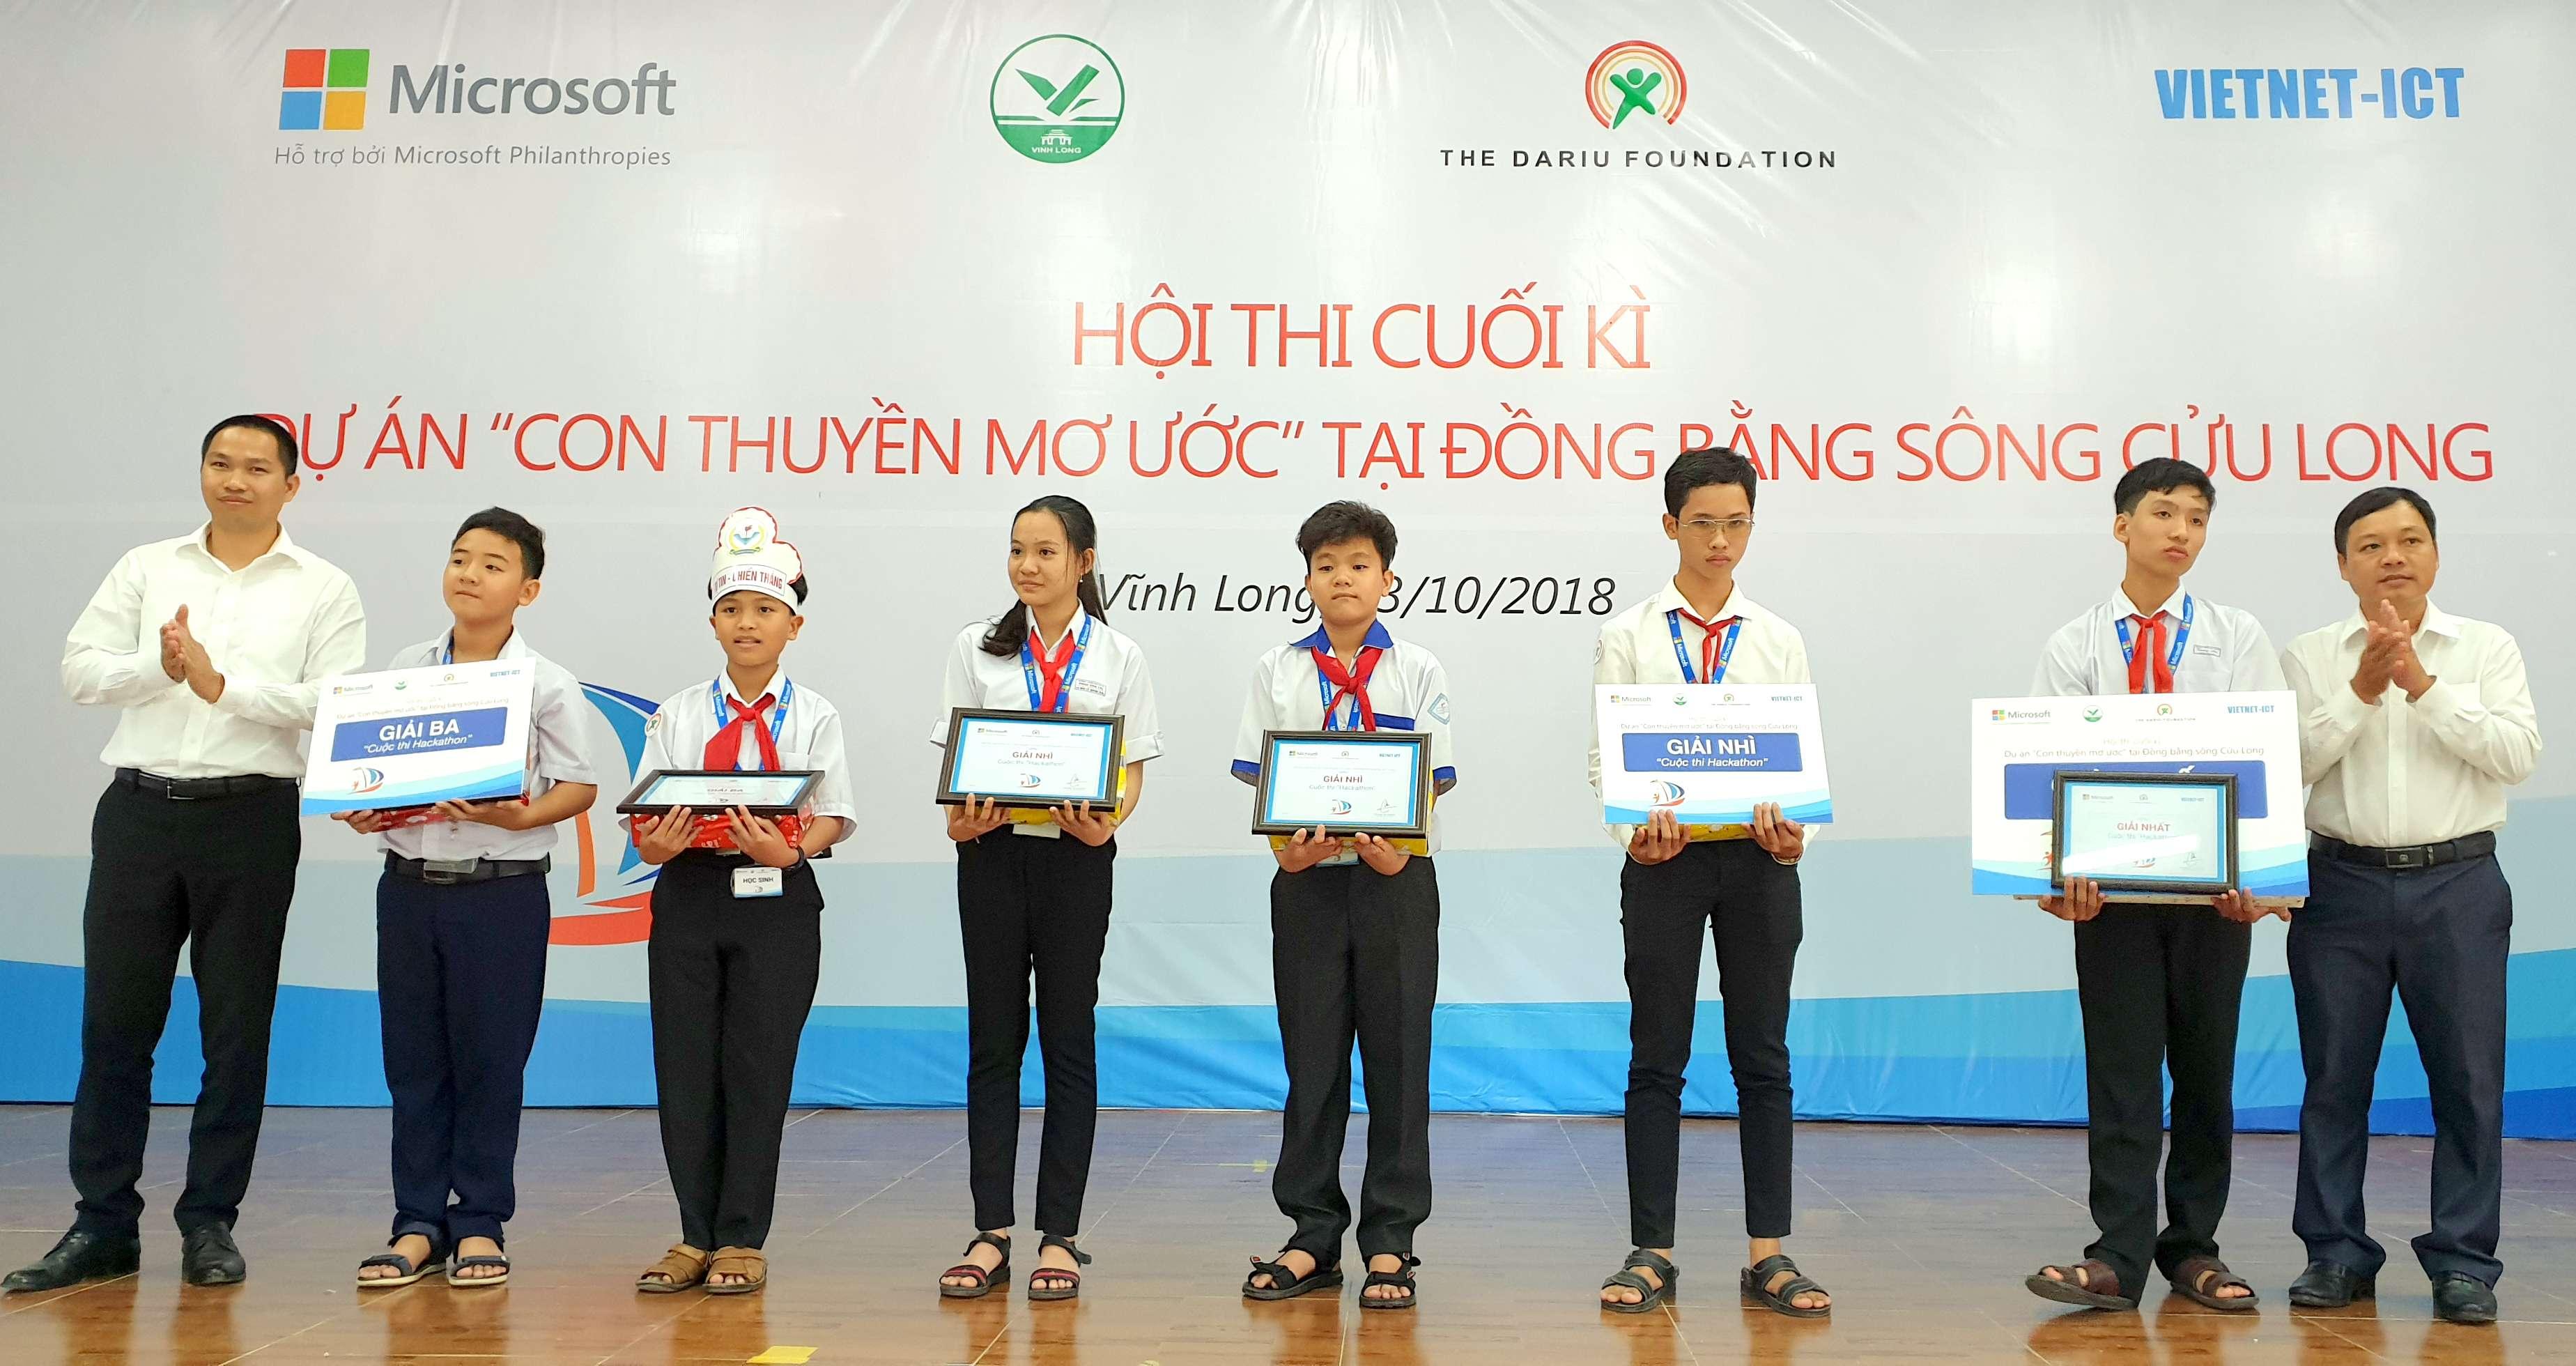 microsoft phoi hop voi quy dariu tao san choi cho hoc sinh dbscl